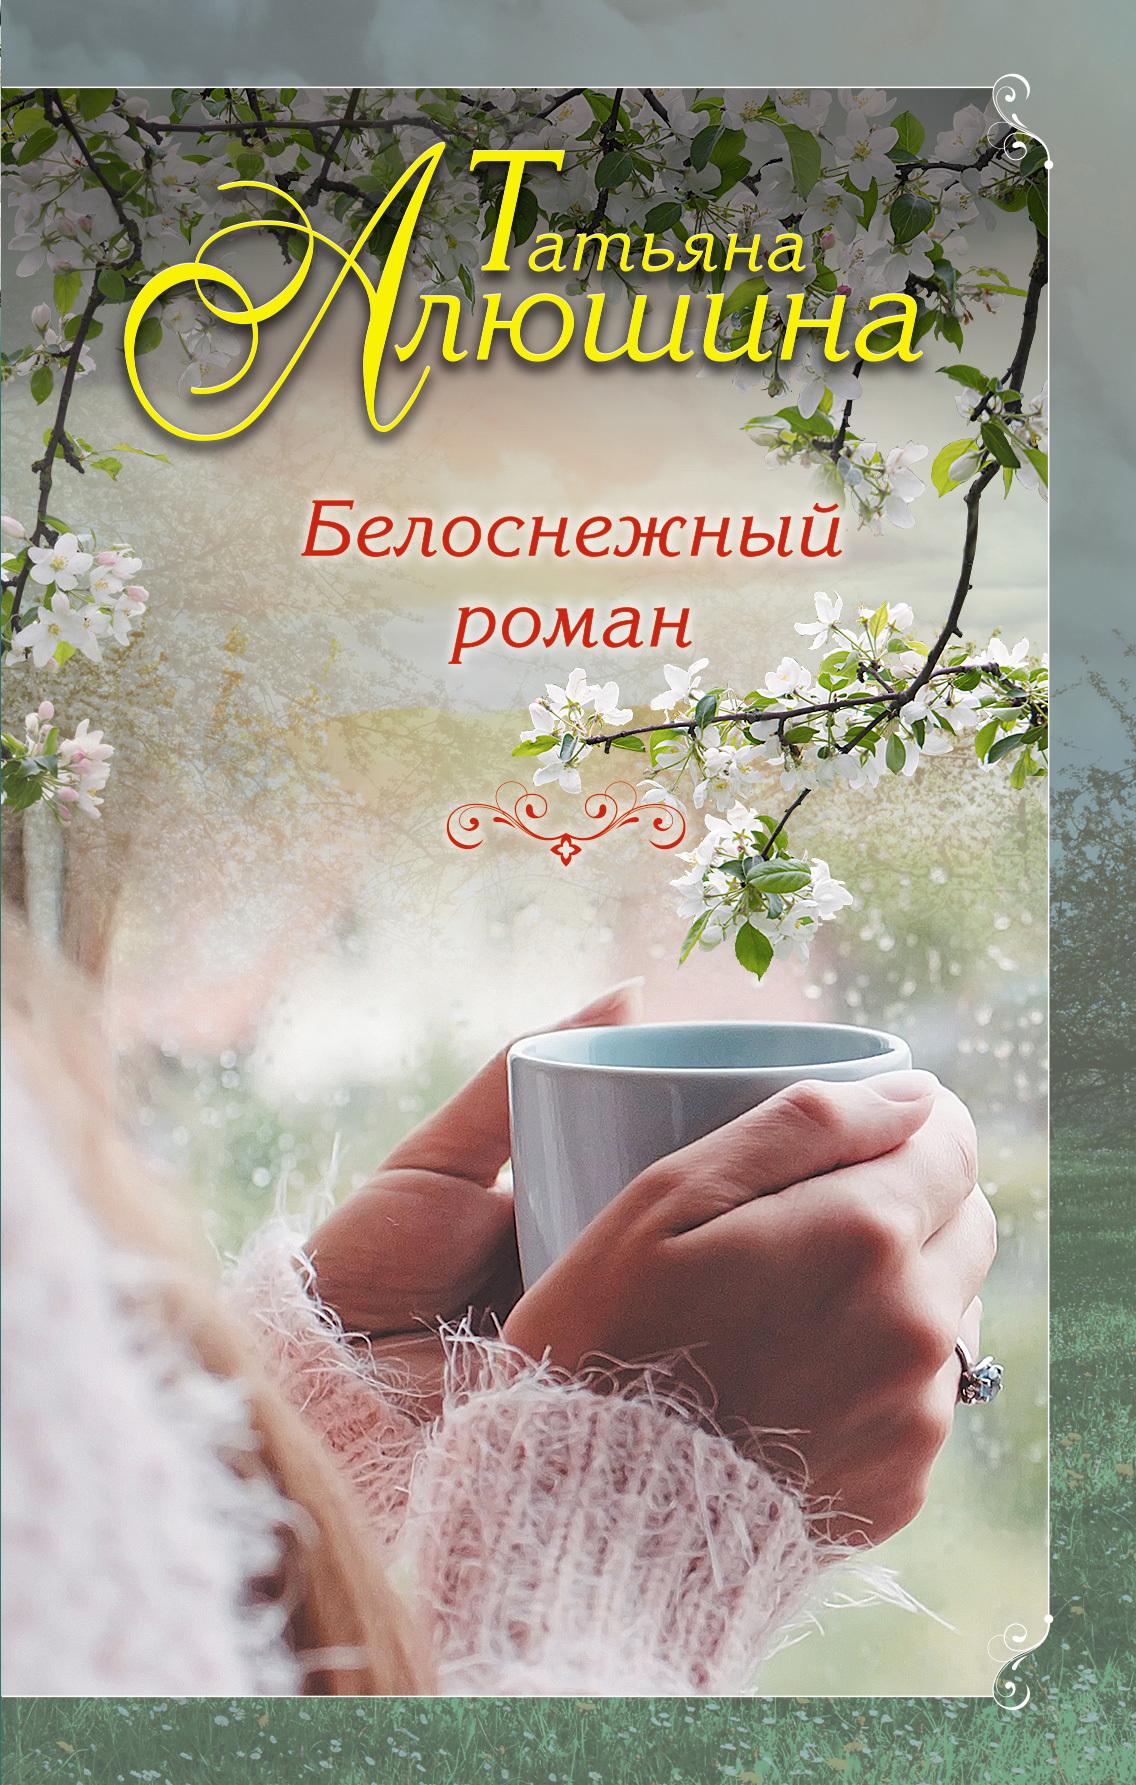 Татьяна Алюшина Белоснежный роман алюшина татьяна александровна крымский роман роман